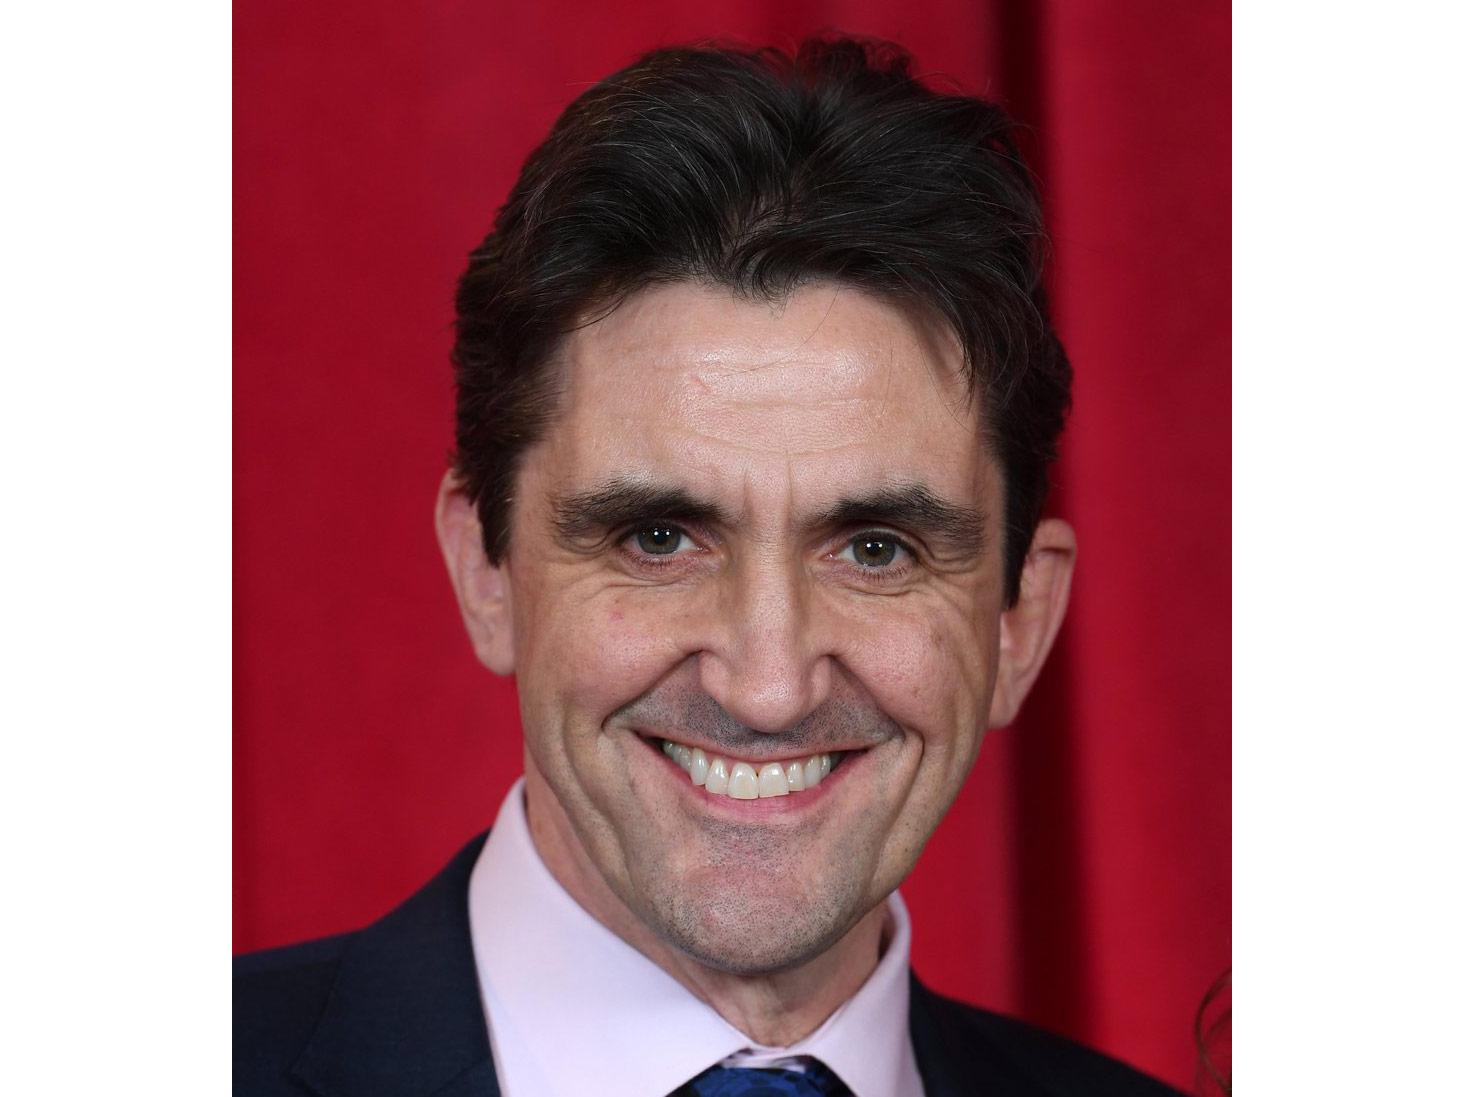 Stephen-McGann-Dr-Turner.jpg